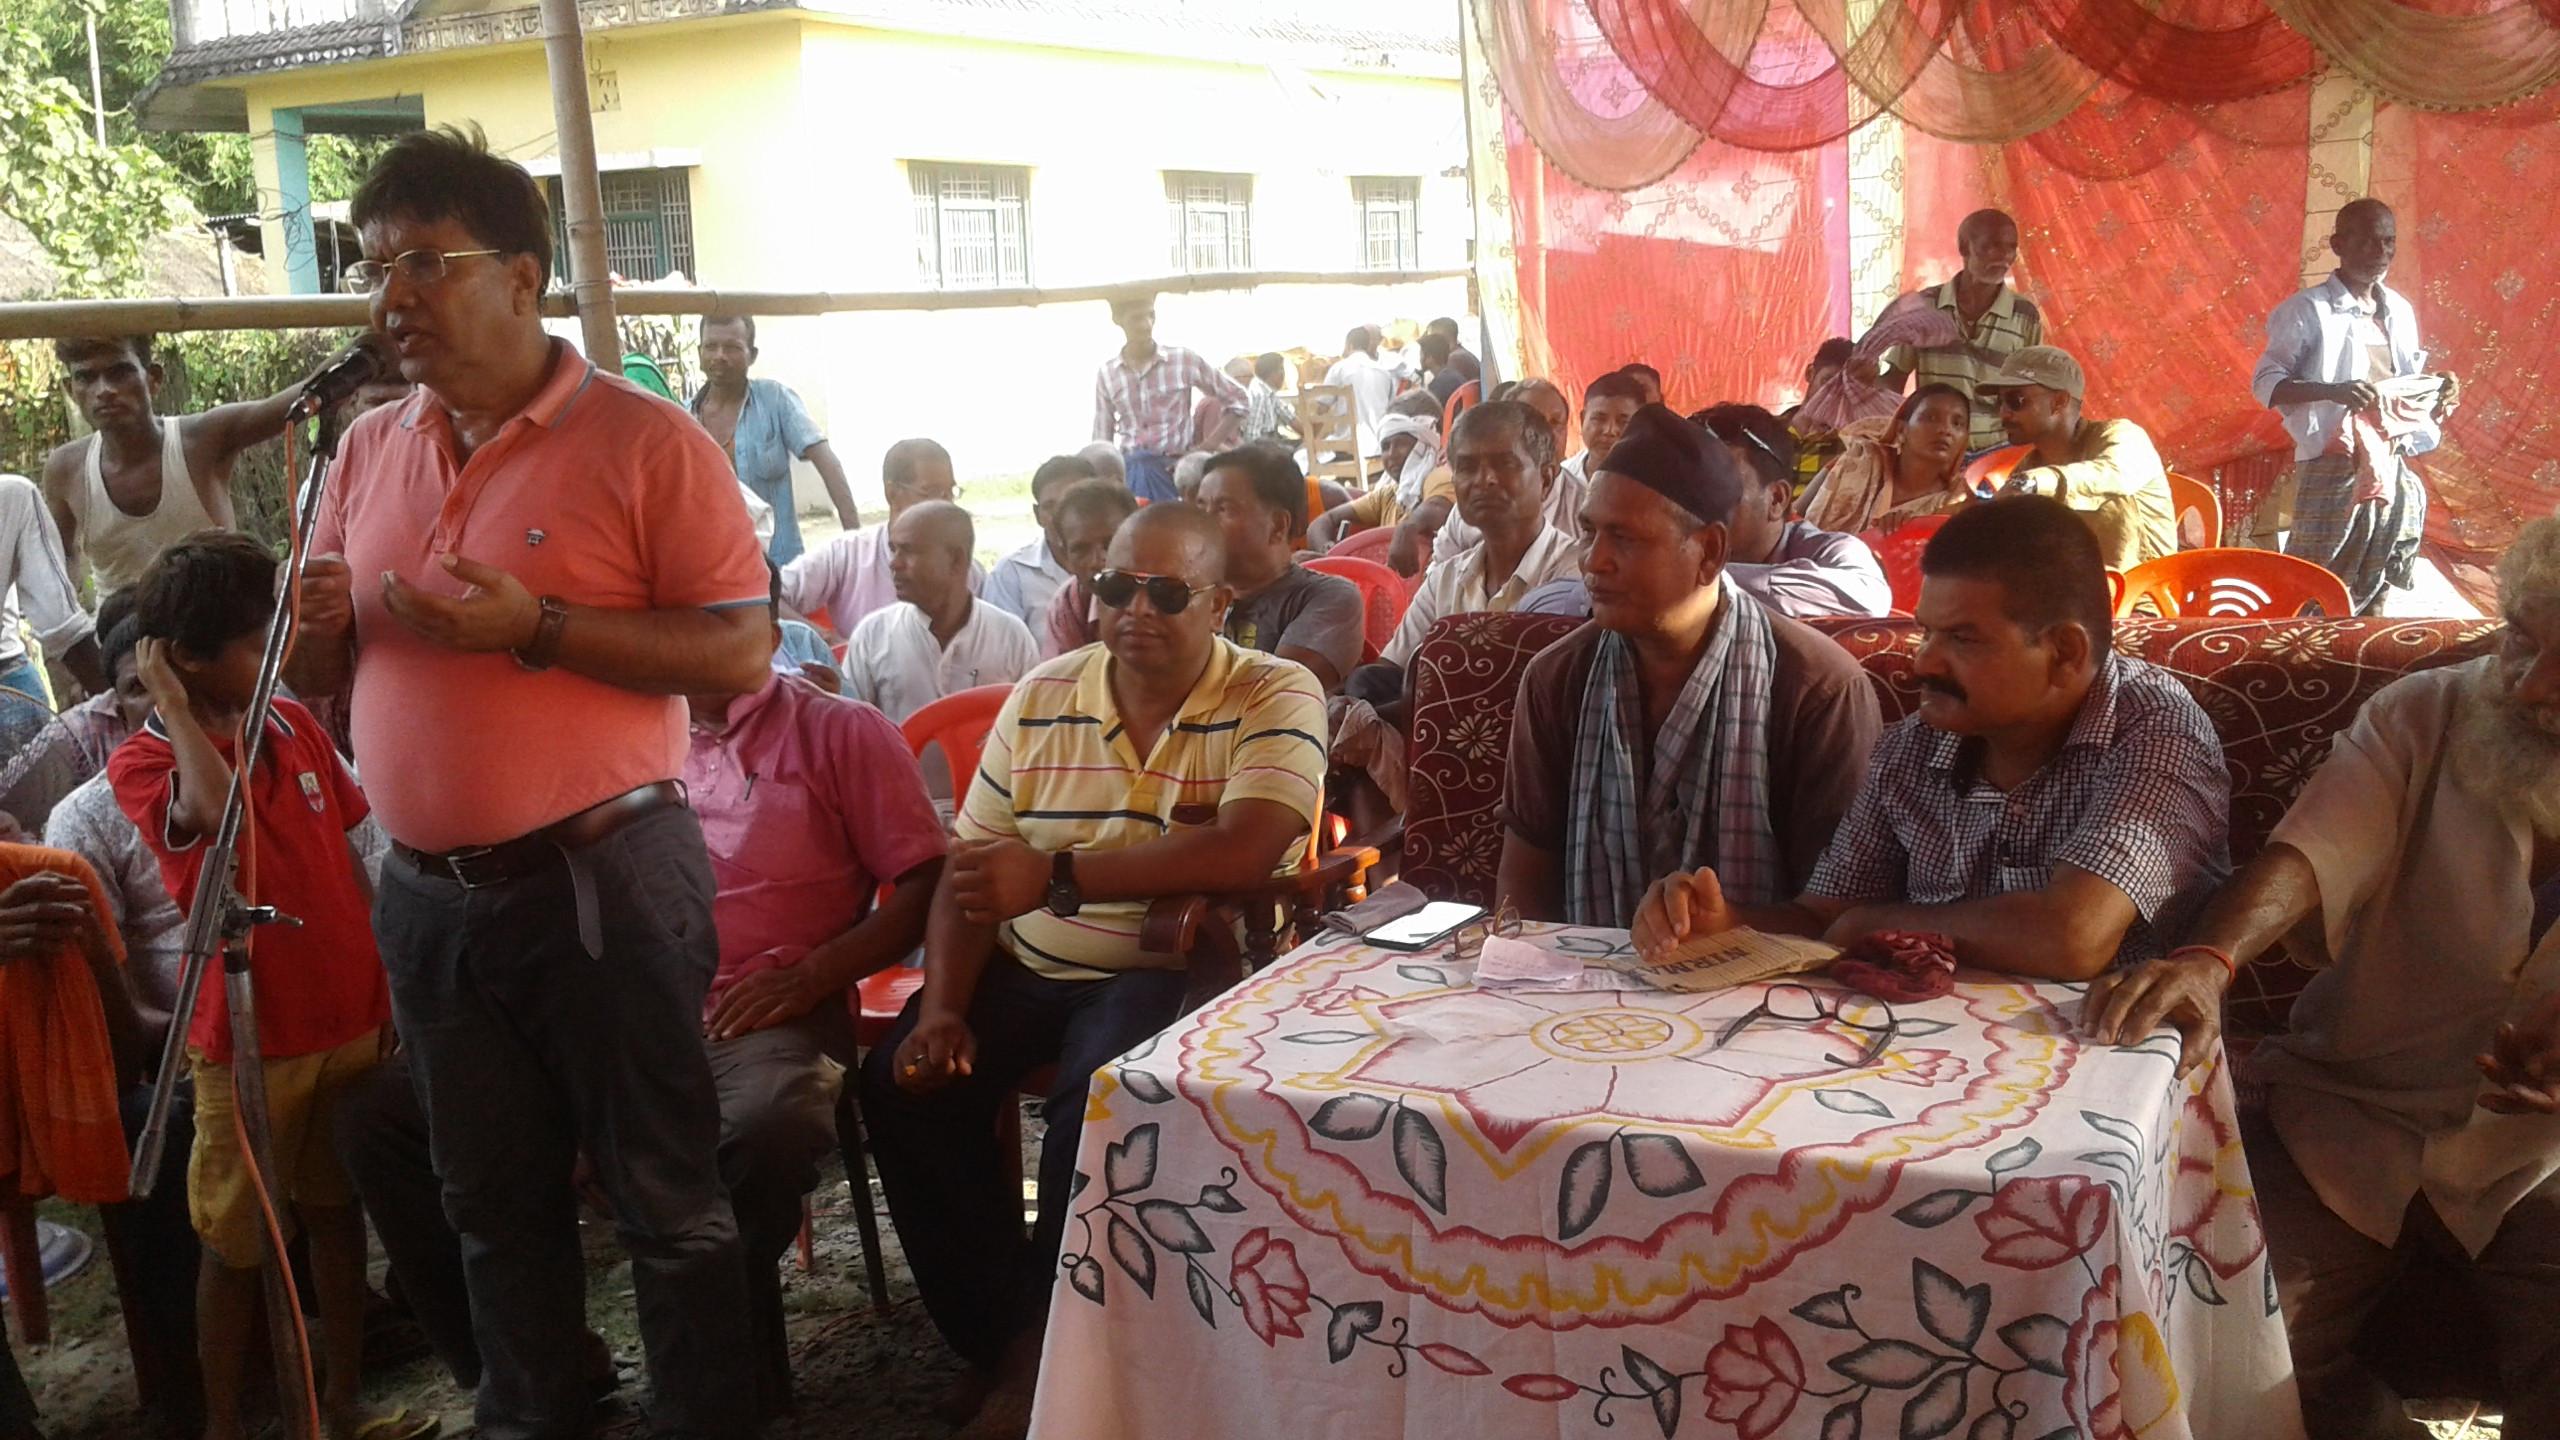 'जनताको घरमा नेता' कार्यक्रमको पहिलो चरणको अभियान पूरा